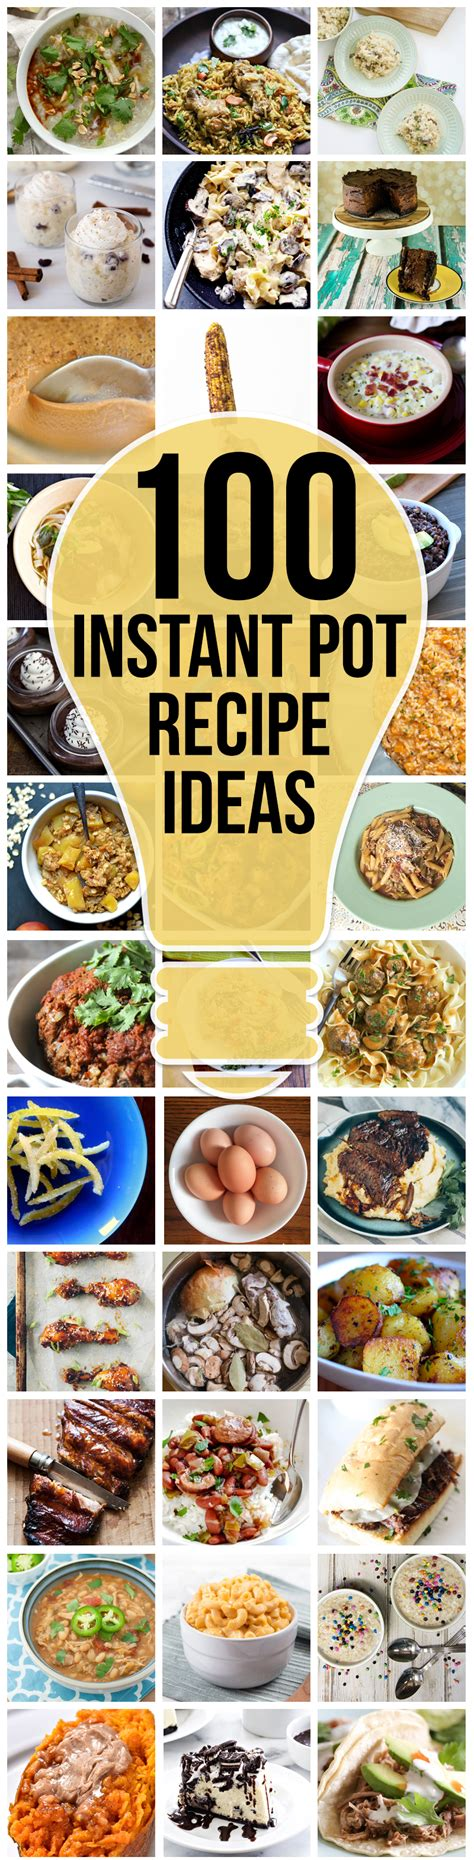 100 instant pot recipes a 100 amazing instant pot recipe ideas up